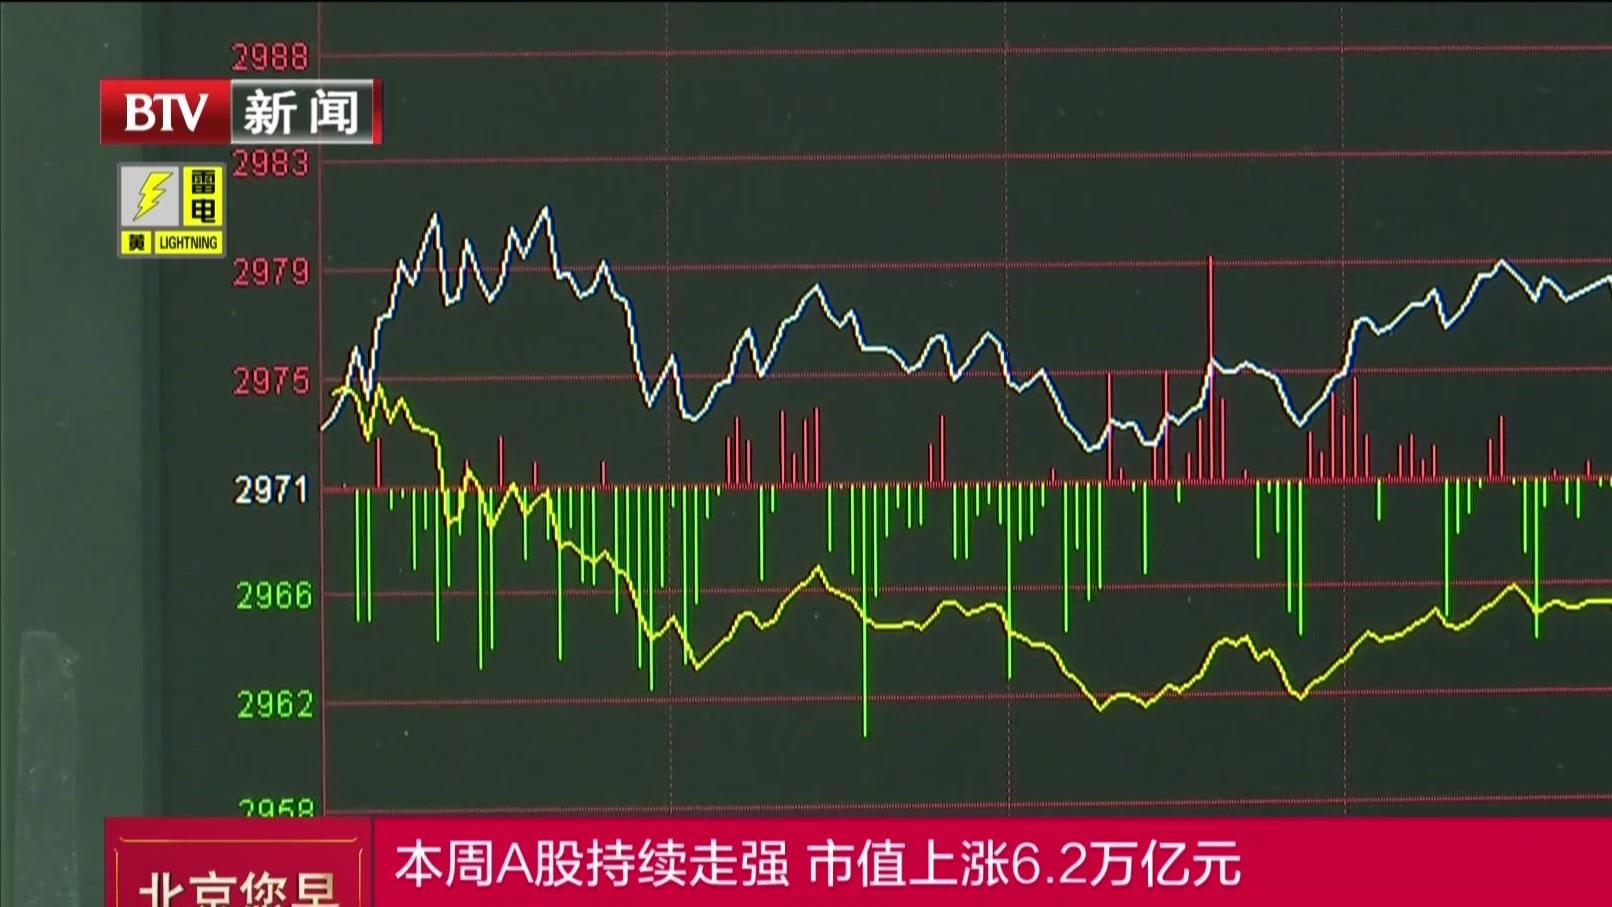 本周A股持续走强  市值上涨6.2万亿元